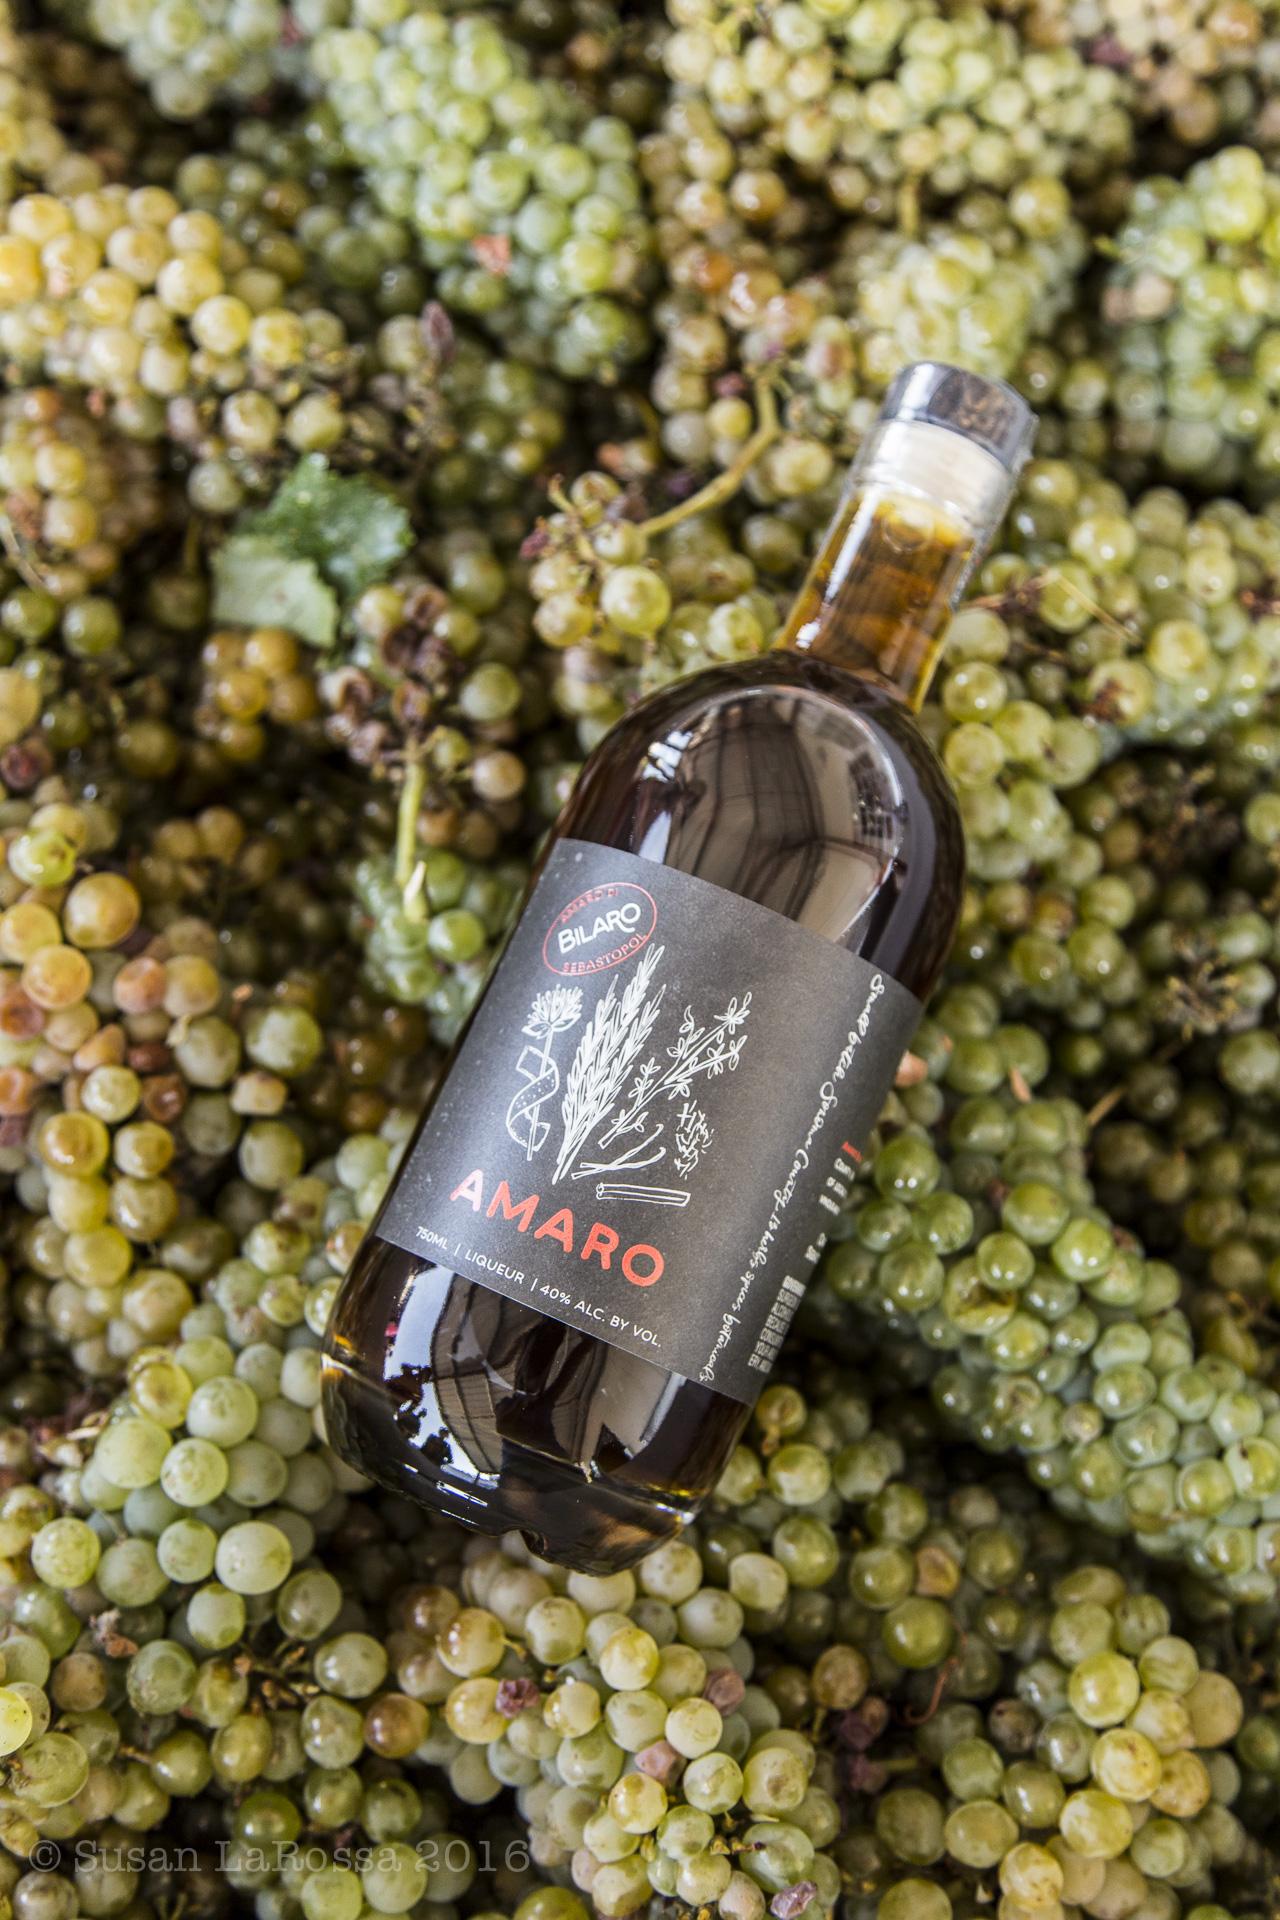 Amaro Bilaro in a bin of grapes harvested in August 2016